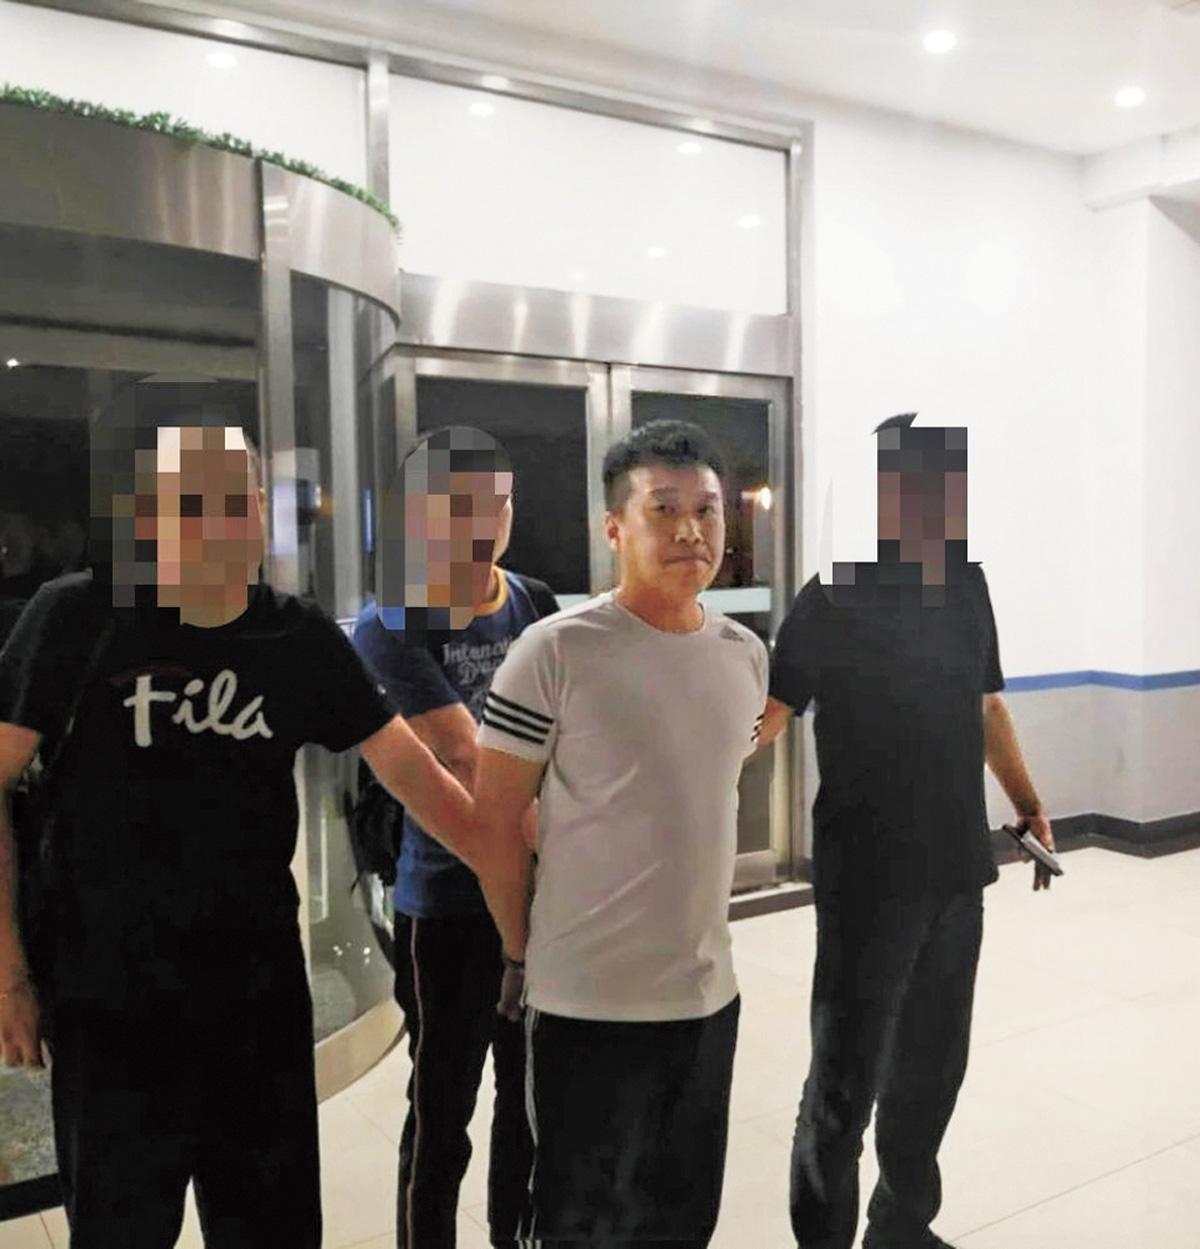 施暴男子已被大連警方抓獲。網上圖片